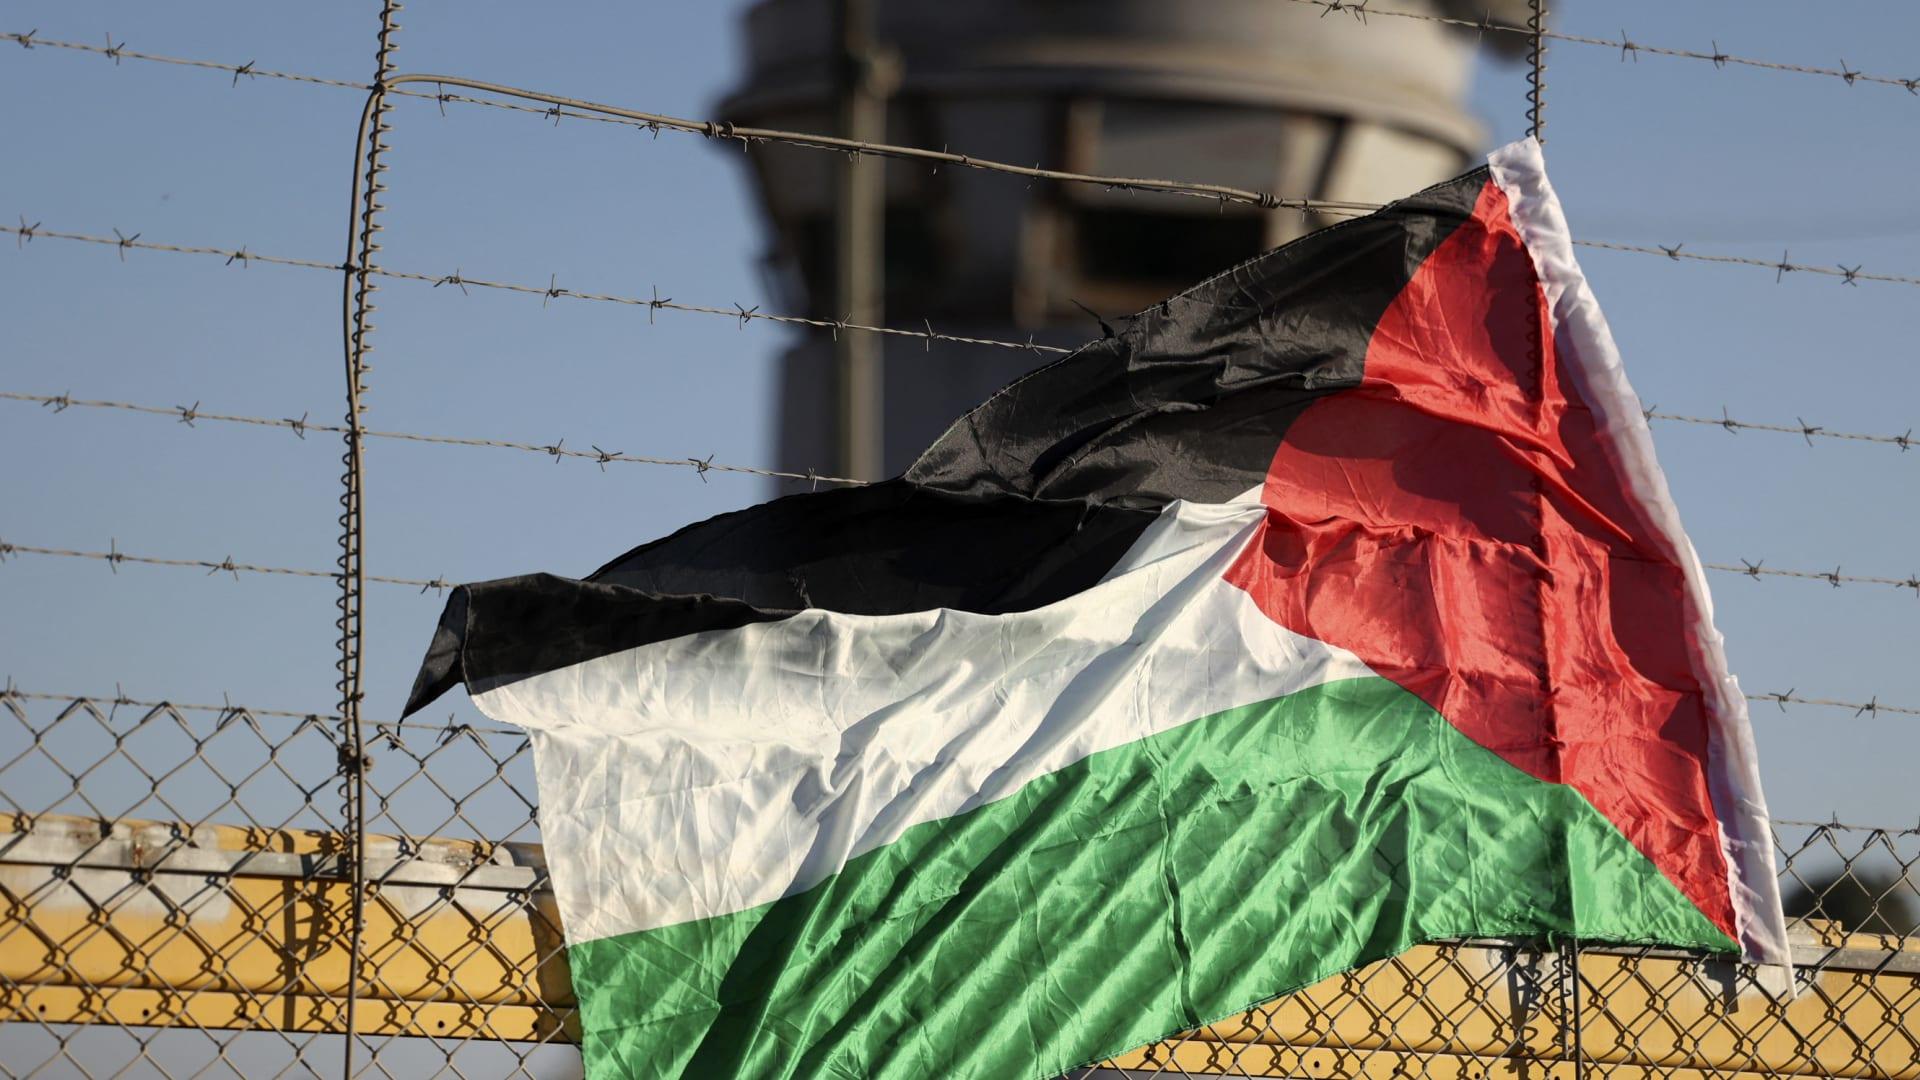 شاهد النفق الذي استخدمه 6 فلسطينيين للهرب من سجن إسرائيلي